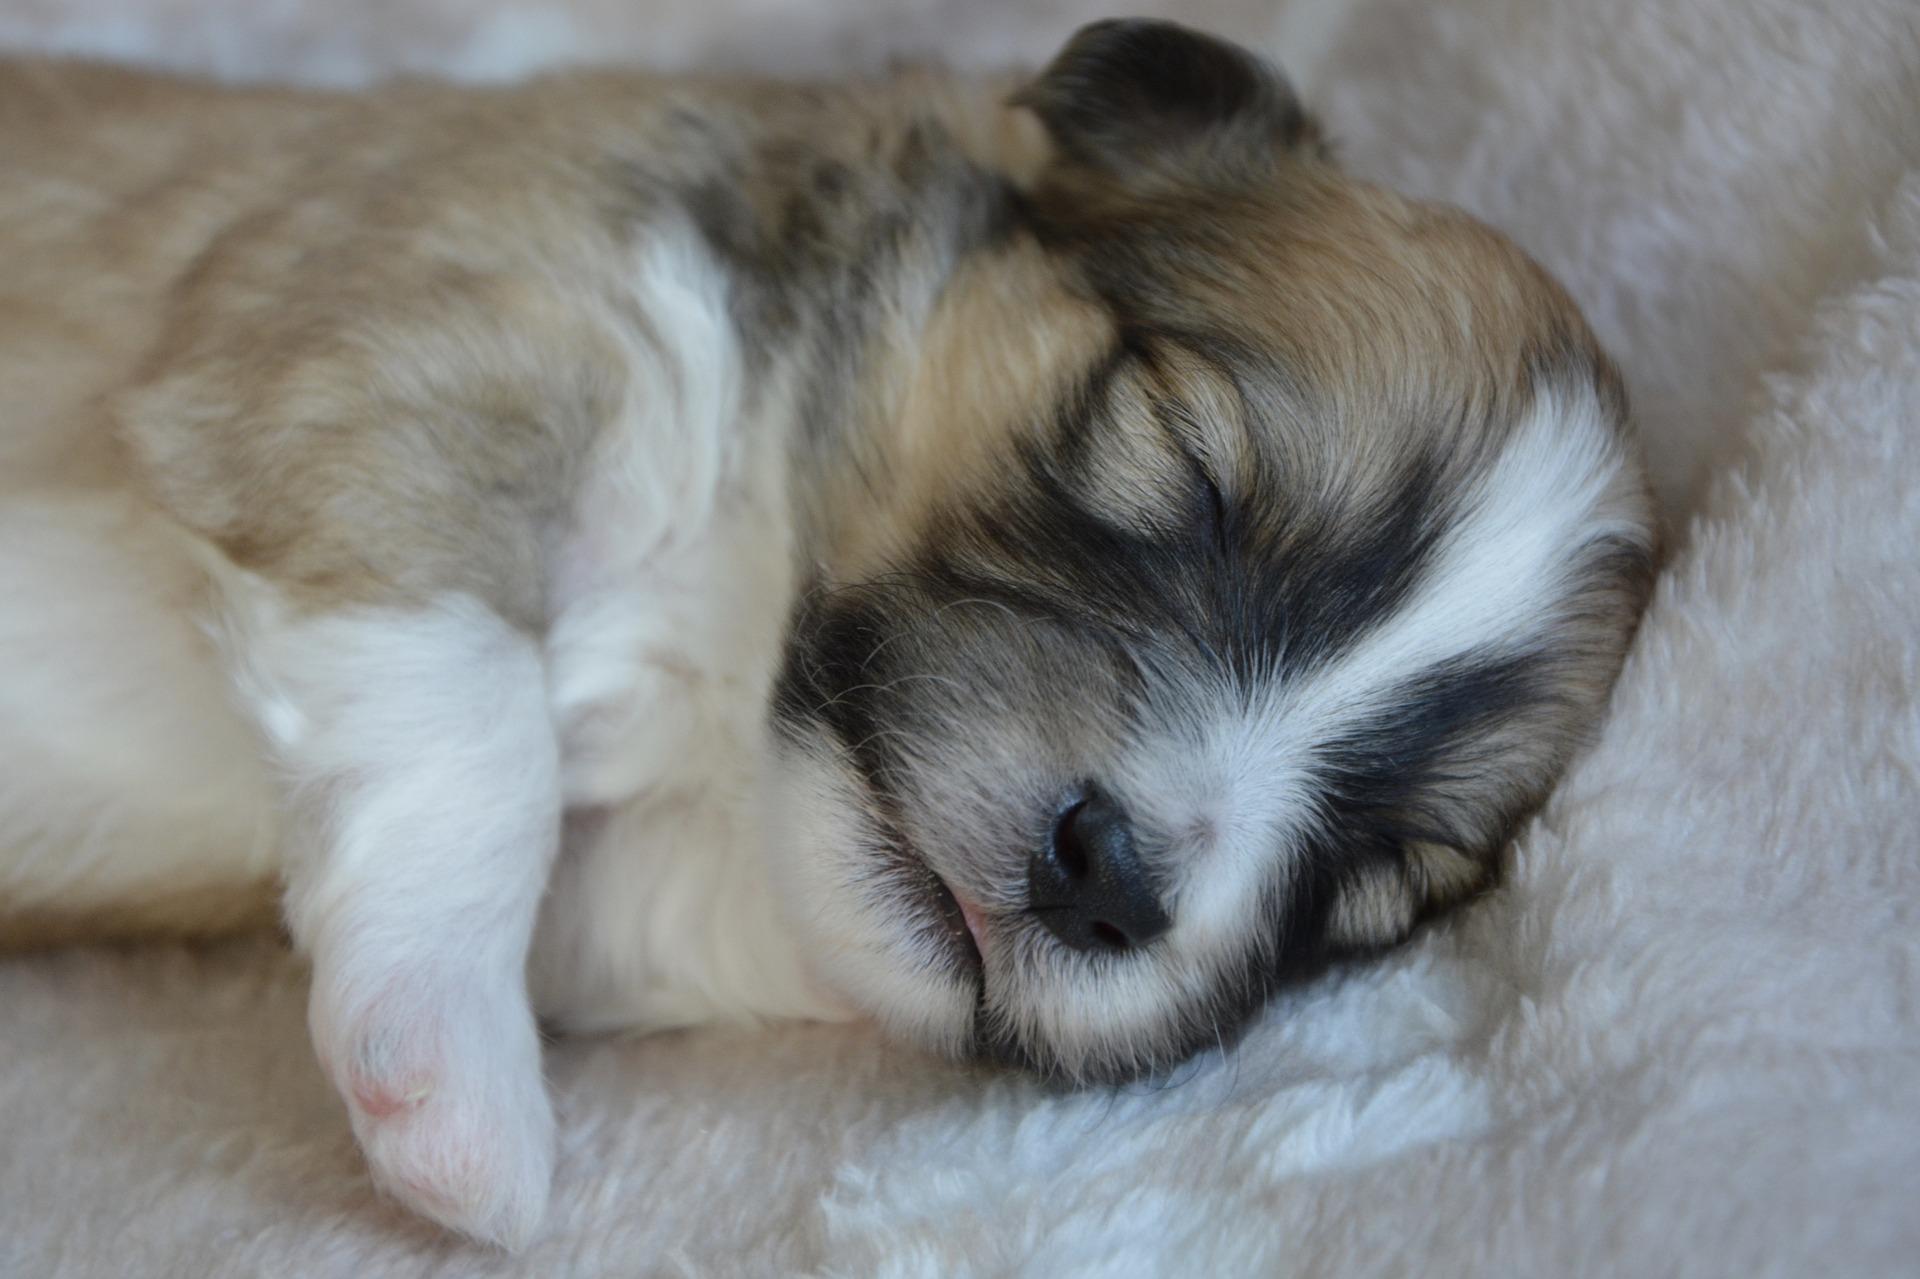 Les chiens rêvent-ils ?